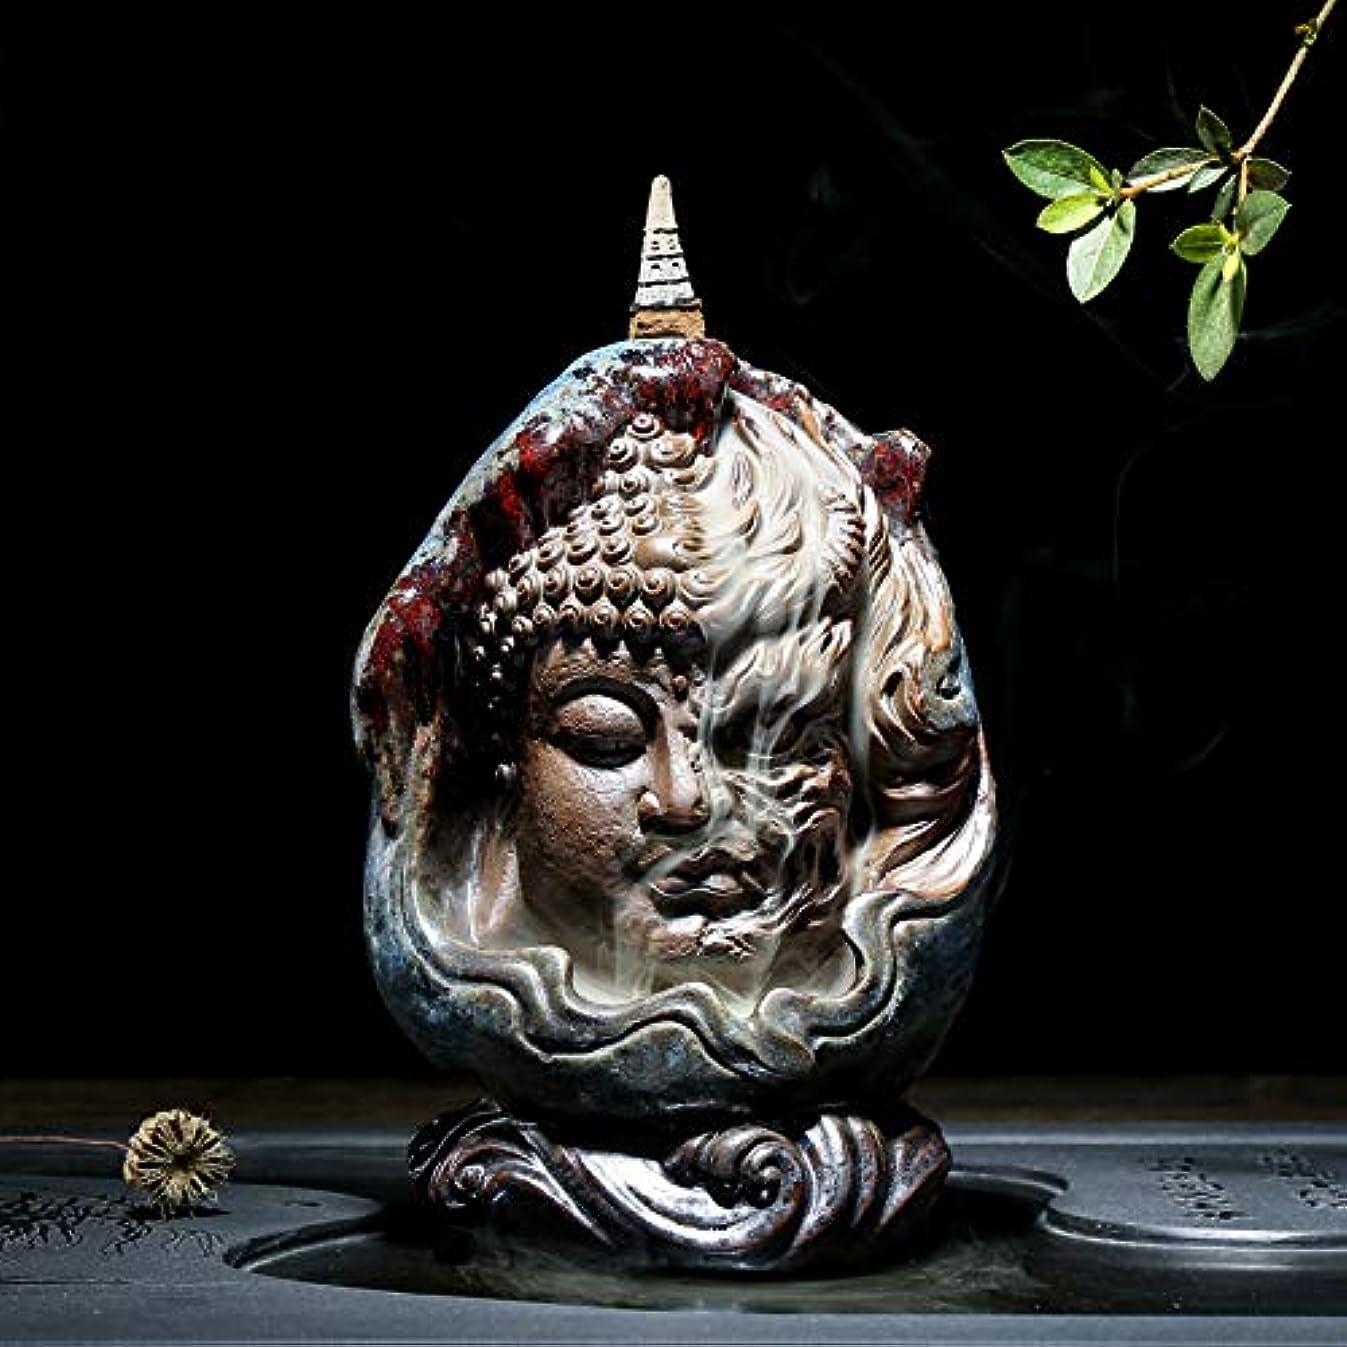 スーツケース早める該当するPHILOGOD 陶器仏壇用香炉 ユニークなスタイリング逆流香炉 お香 ホルダー紫砂香立て